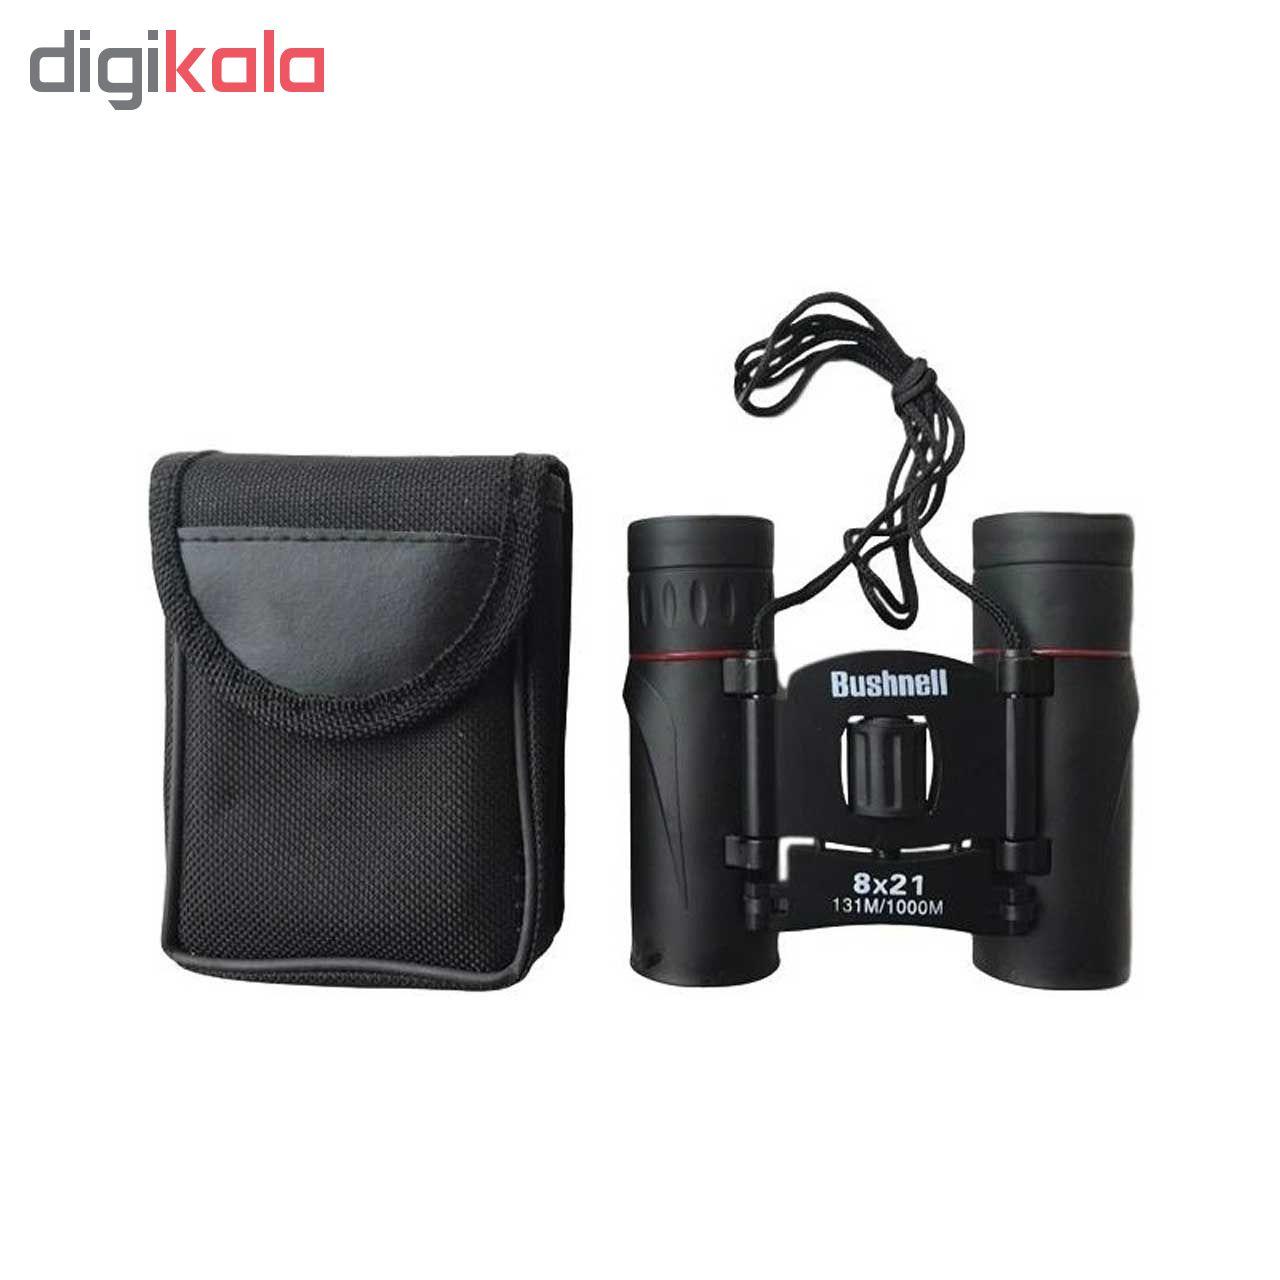 دوربین دوچشمی بوشنل مدل C821